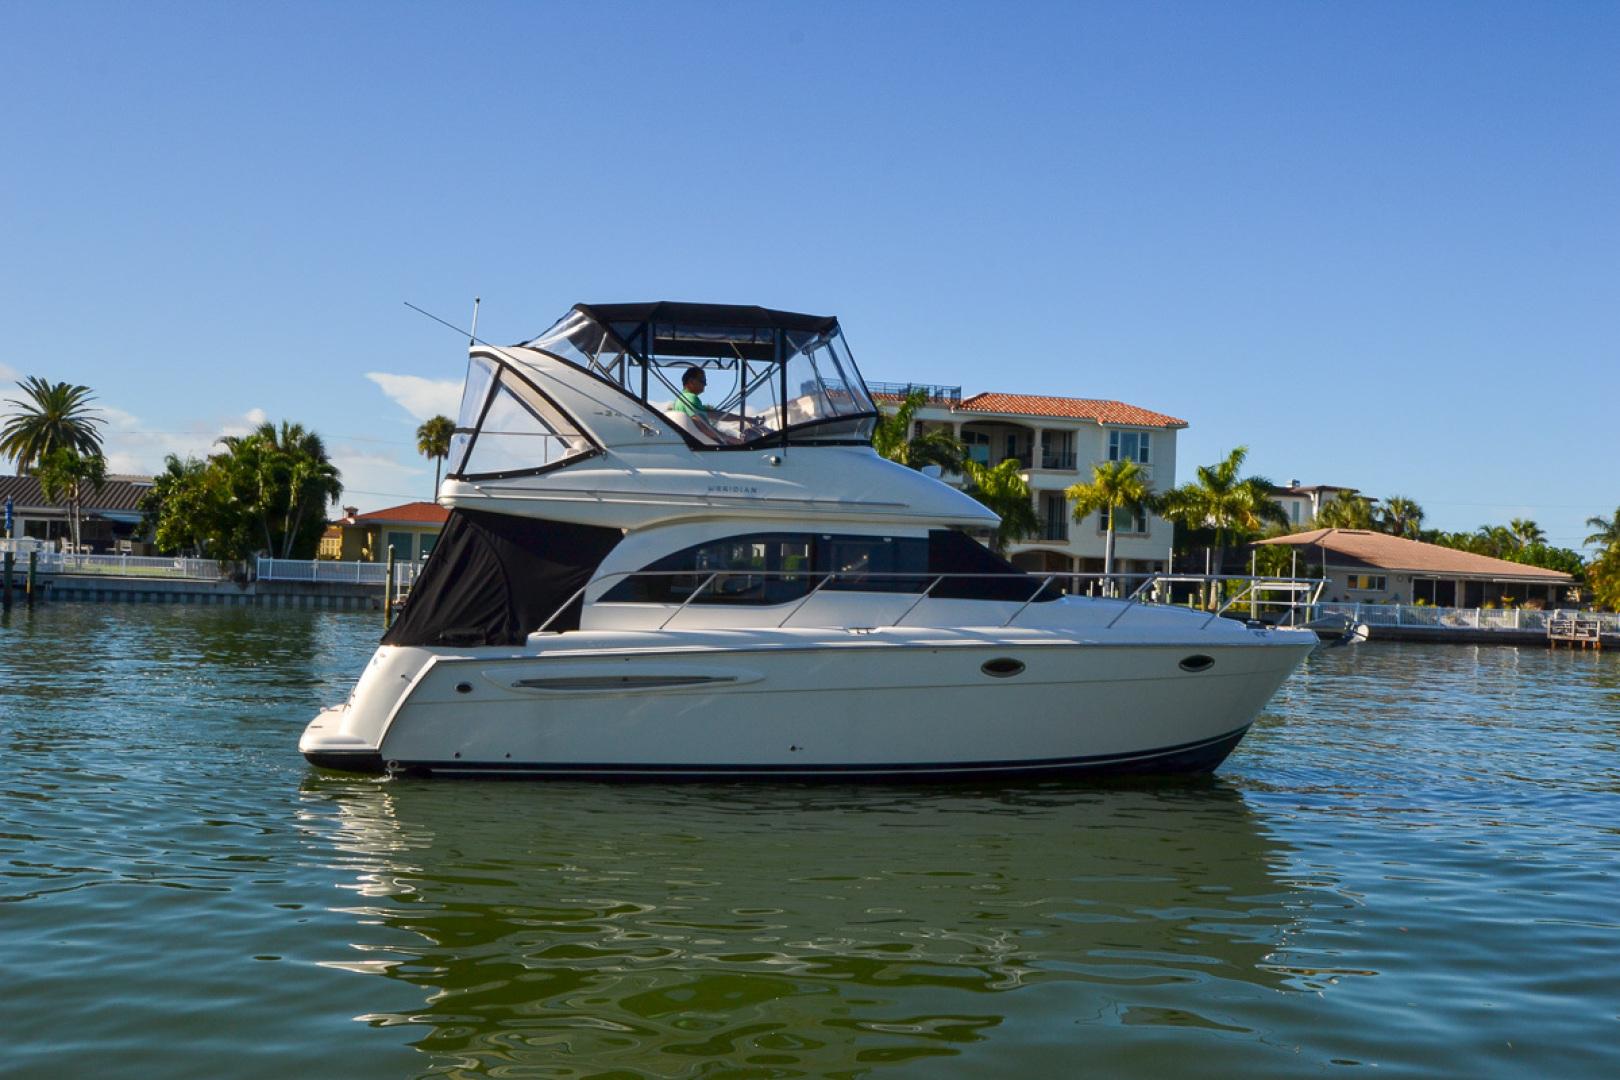 Meridian-341 Sedan 2004-Sea Harmony Belleair Beach-Florida-United States-1496603 | Thumbnail